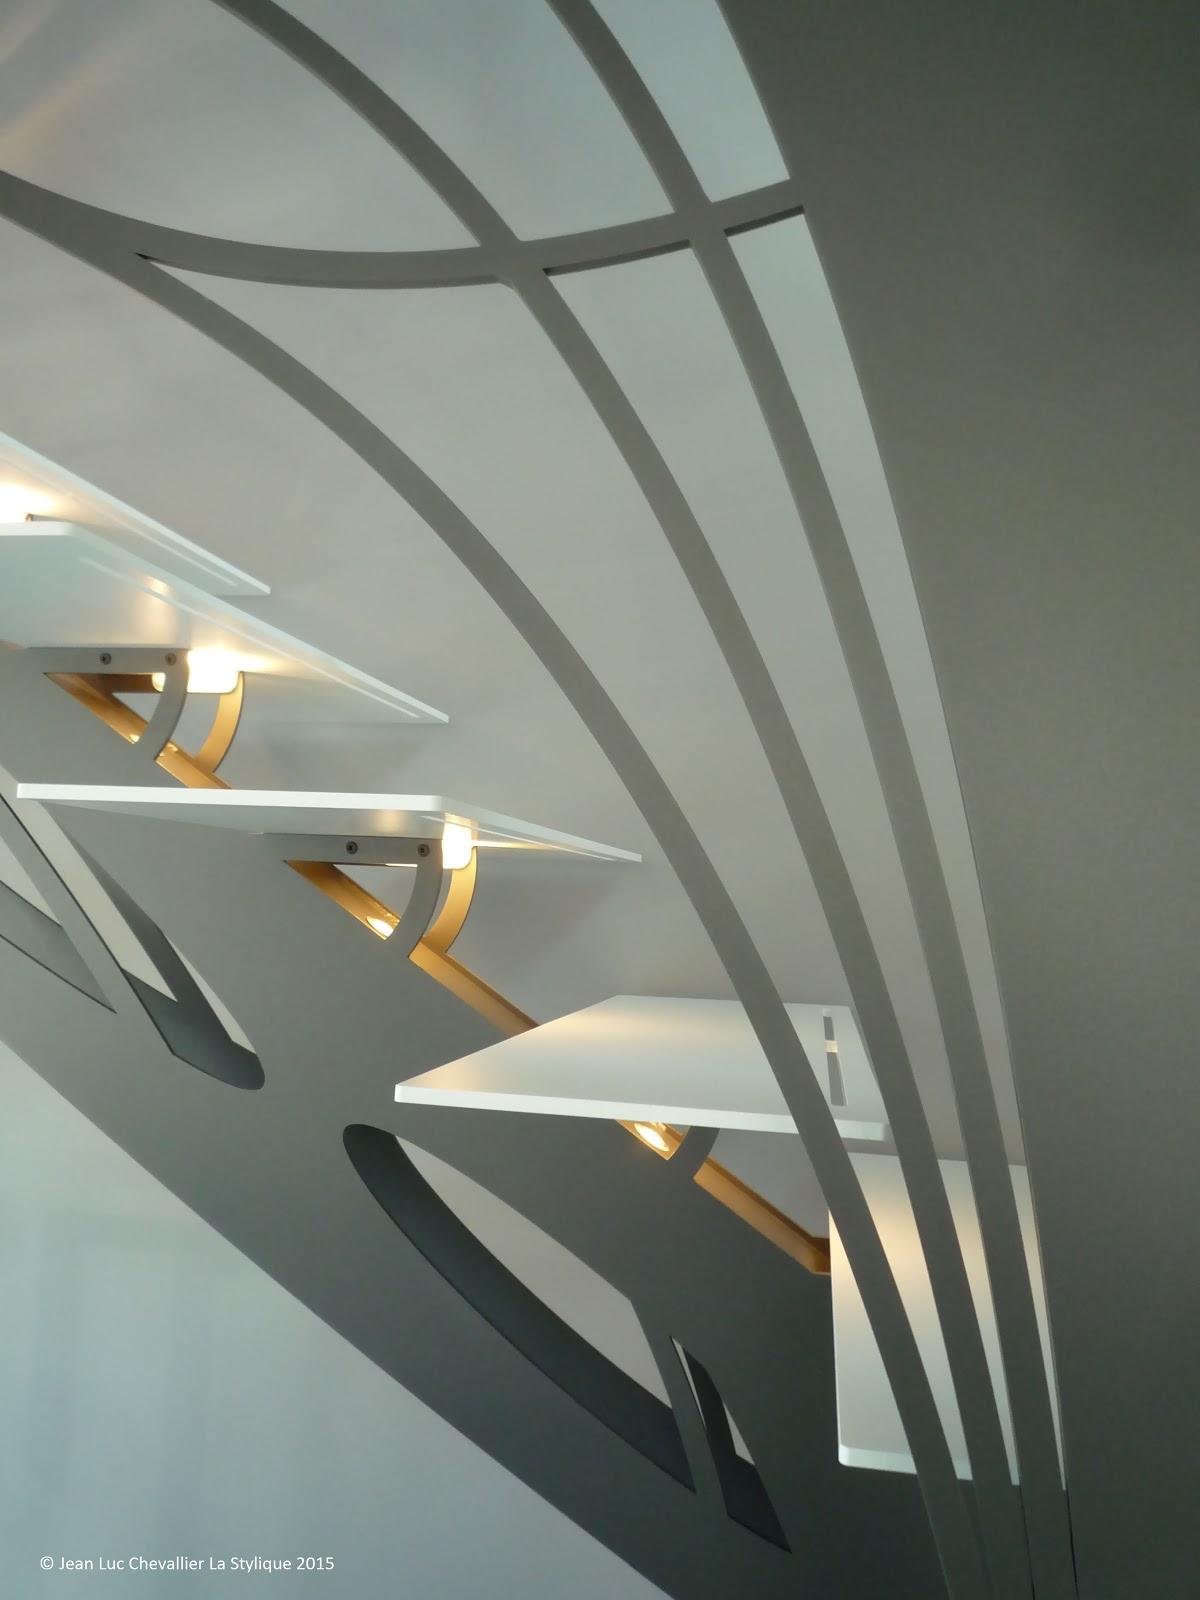 La stylique escalier double quart tournant sculpture chic et design - Architectuur escalier ...